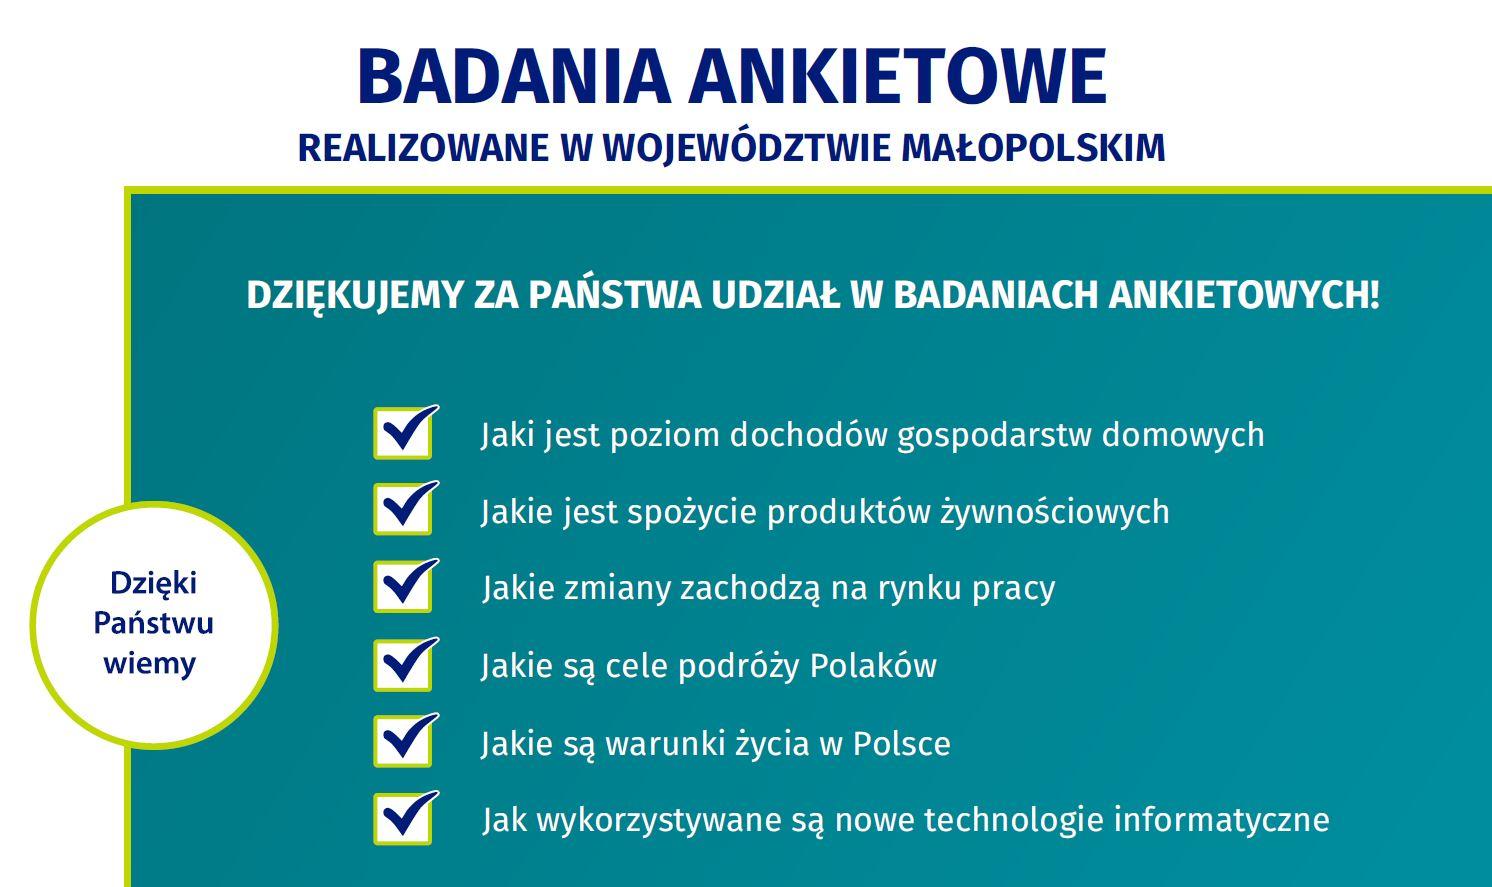 Badania ankietowe Urzędu Statystycznego w Małopolsce w 2020 roku - zdjęcie główne